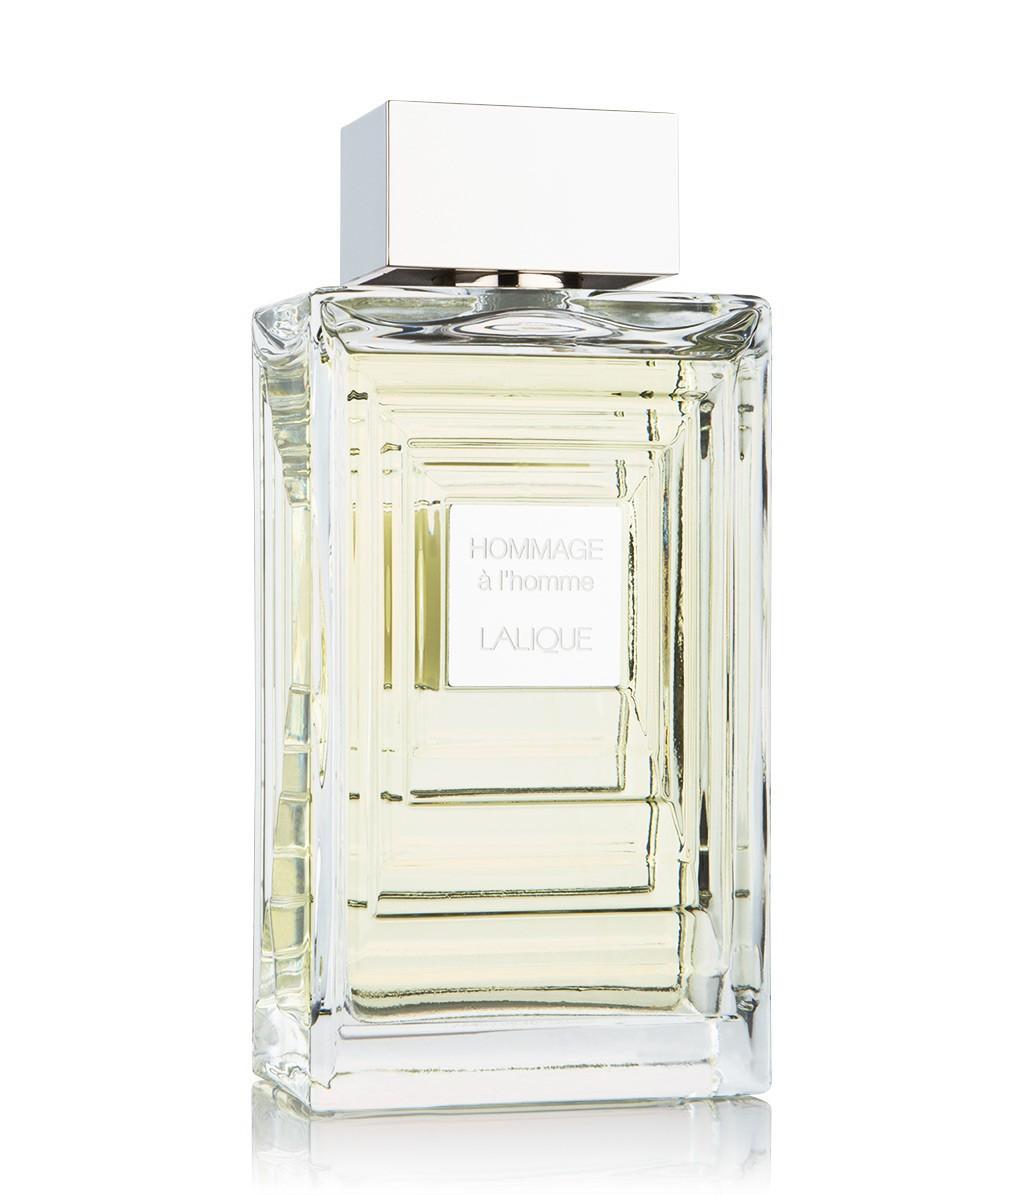 Lalique Hommage à l'homme аромат для мужчин